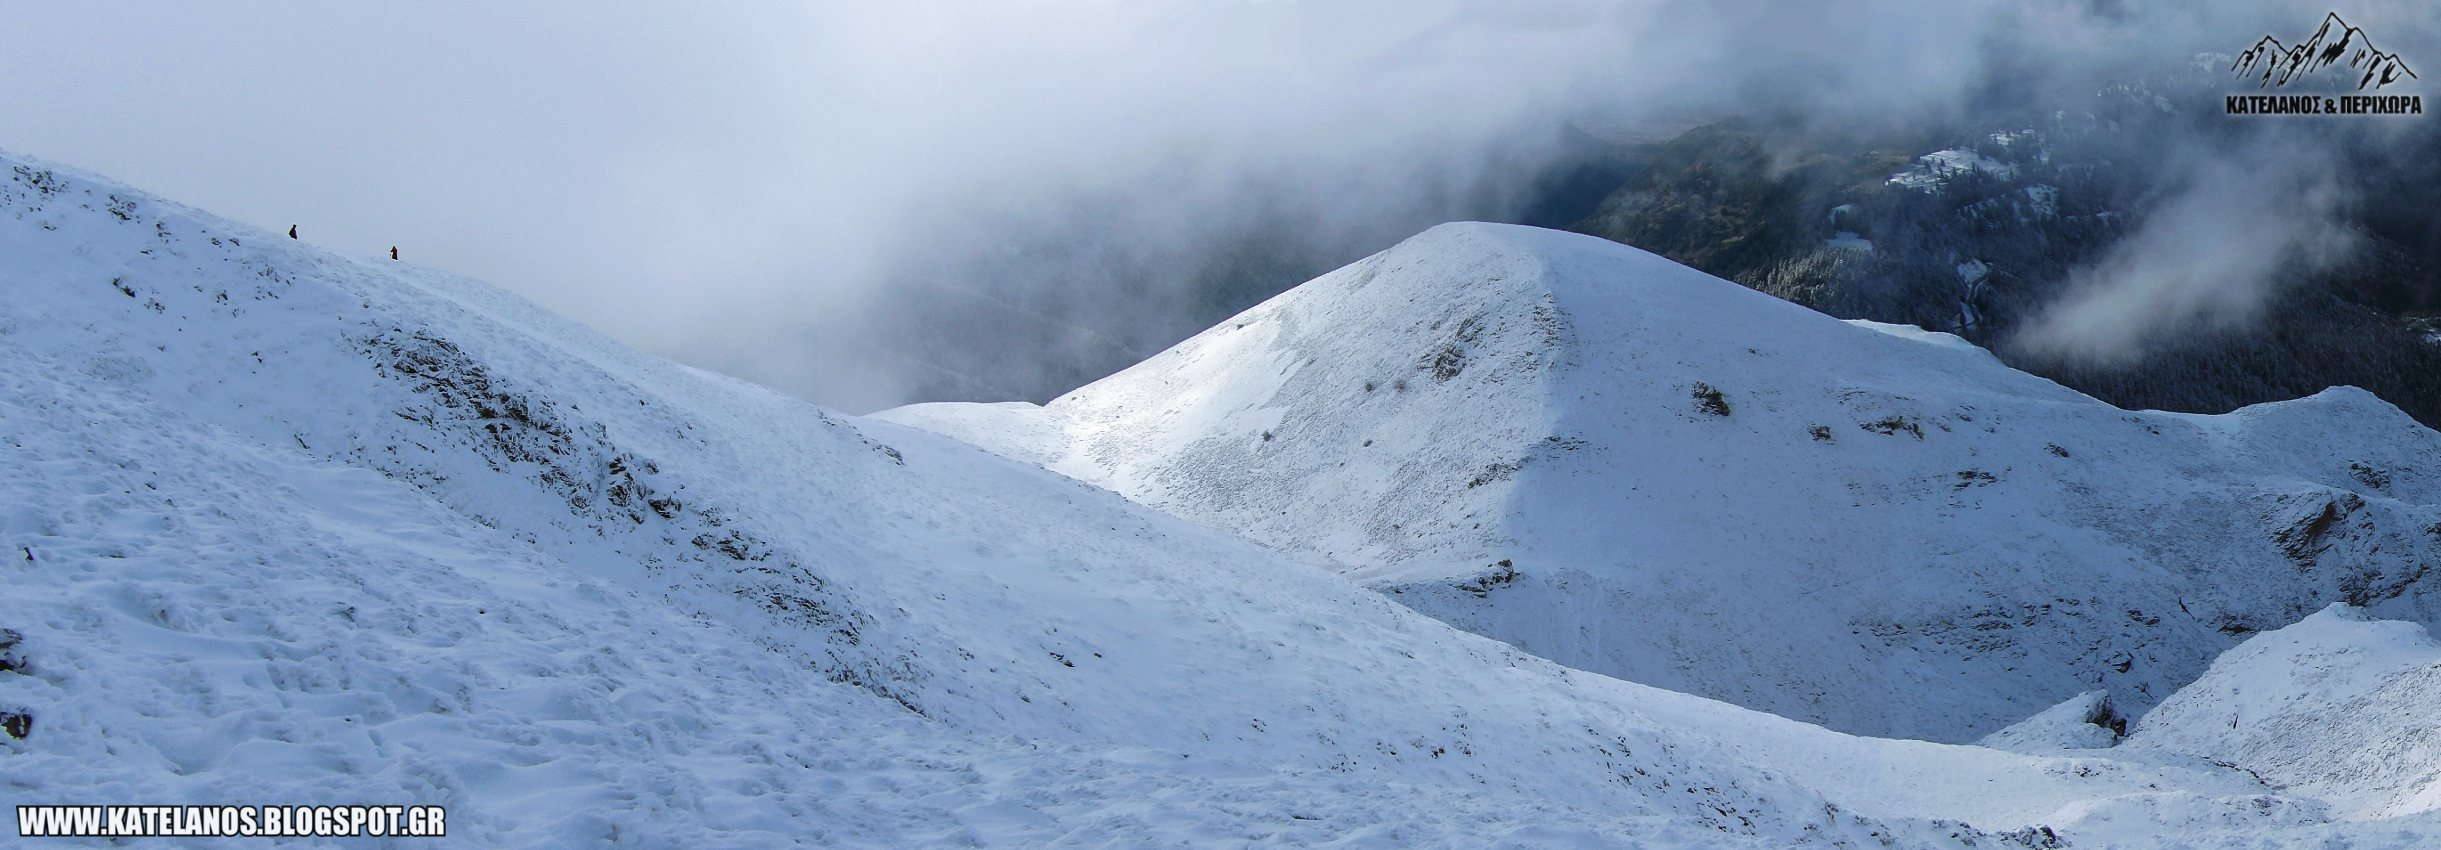 συμπεθερικο ευρυτανιας βουνο βελουχι τυμφρηστος βουνο